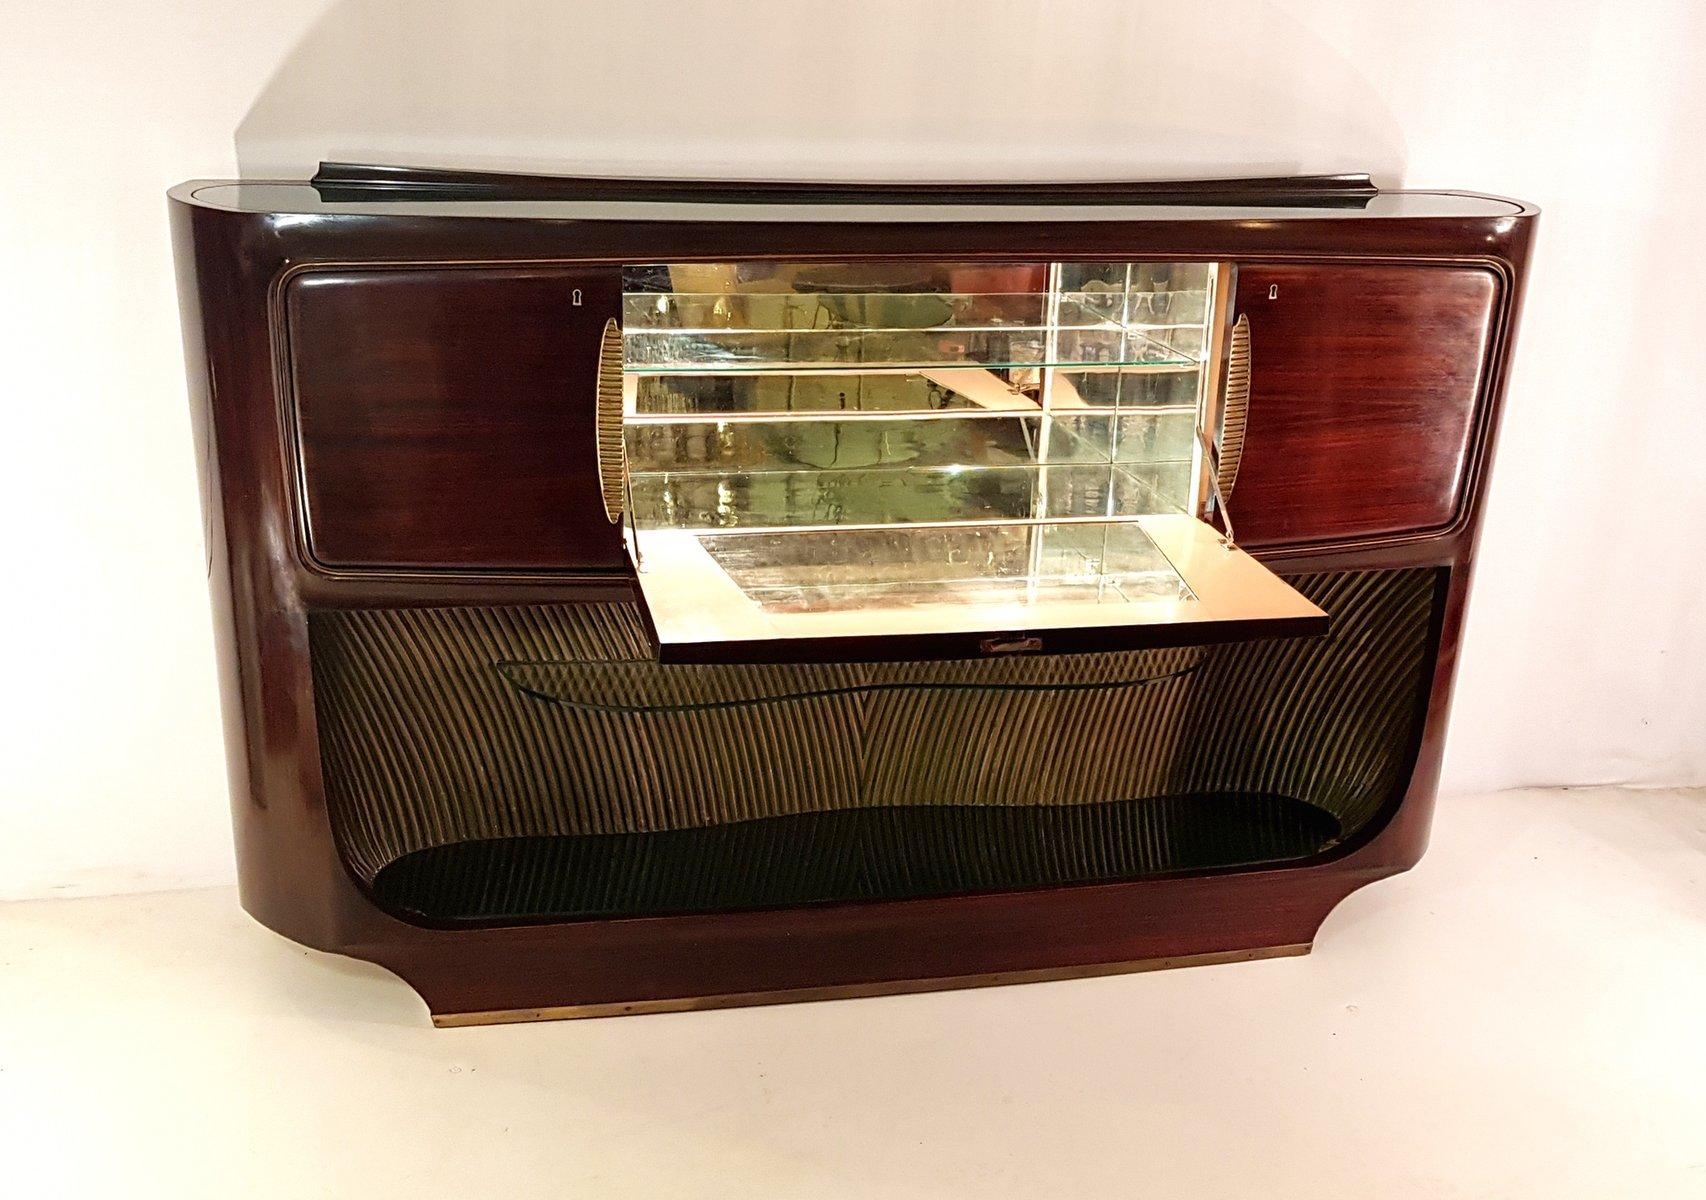 Mobile bar di vittorio dassi per esposizione mobili cant anni 39 40 in vendita su pamono - Mobili bar da appartamento ...